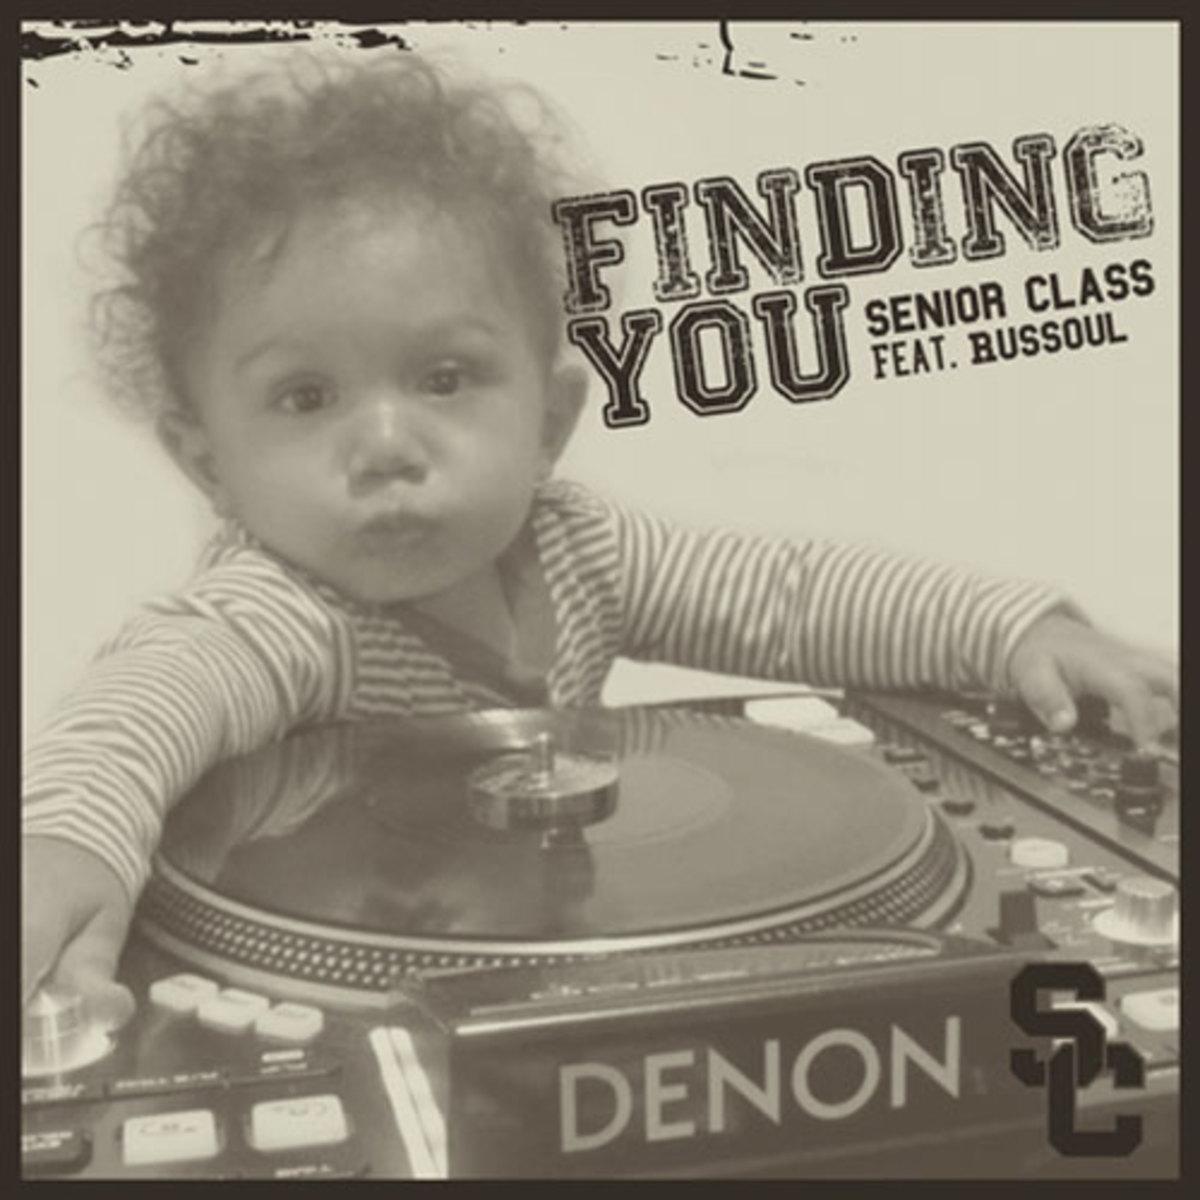 seniorclass-findingyou.jpg